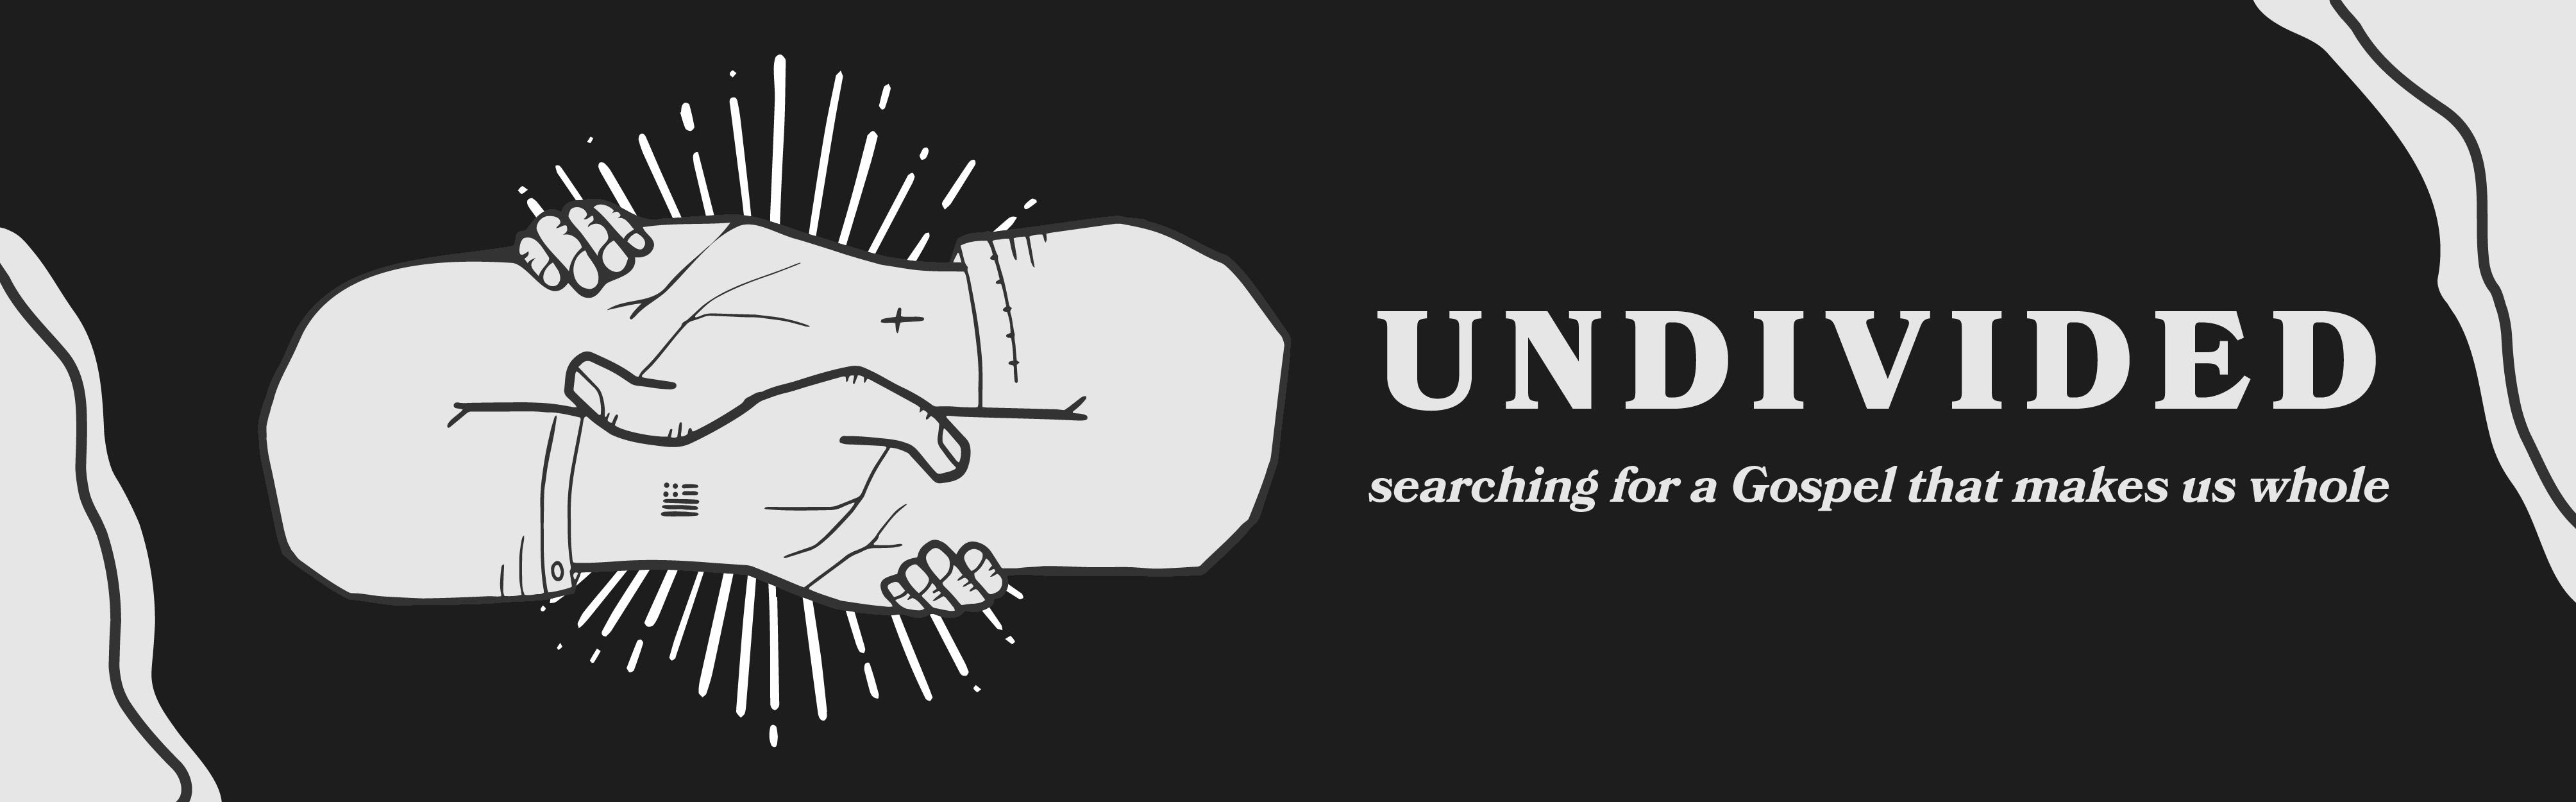 2020_UndividedBanner